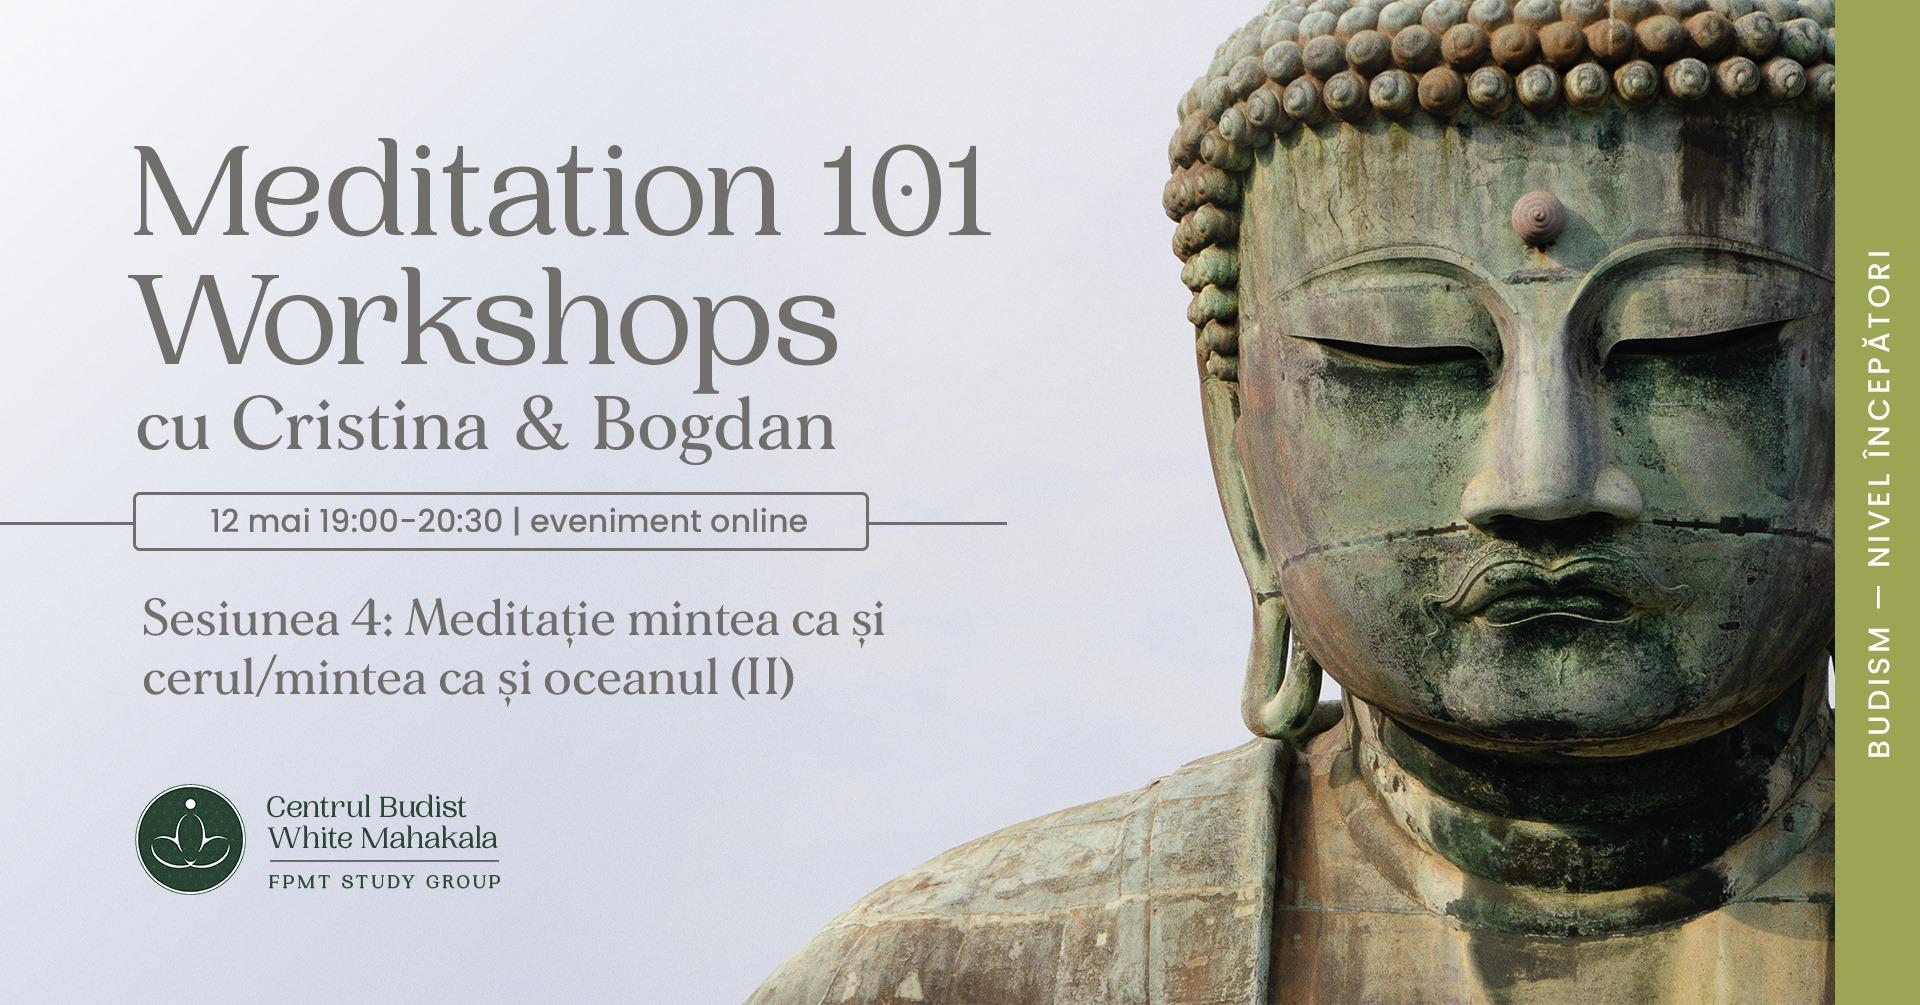 MEDITATION 101- Workshops. Sesiunea 4: Meditatie Mintea ca si cerul/Mintea ca si oceanul (II)